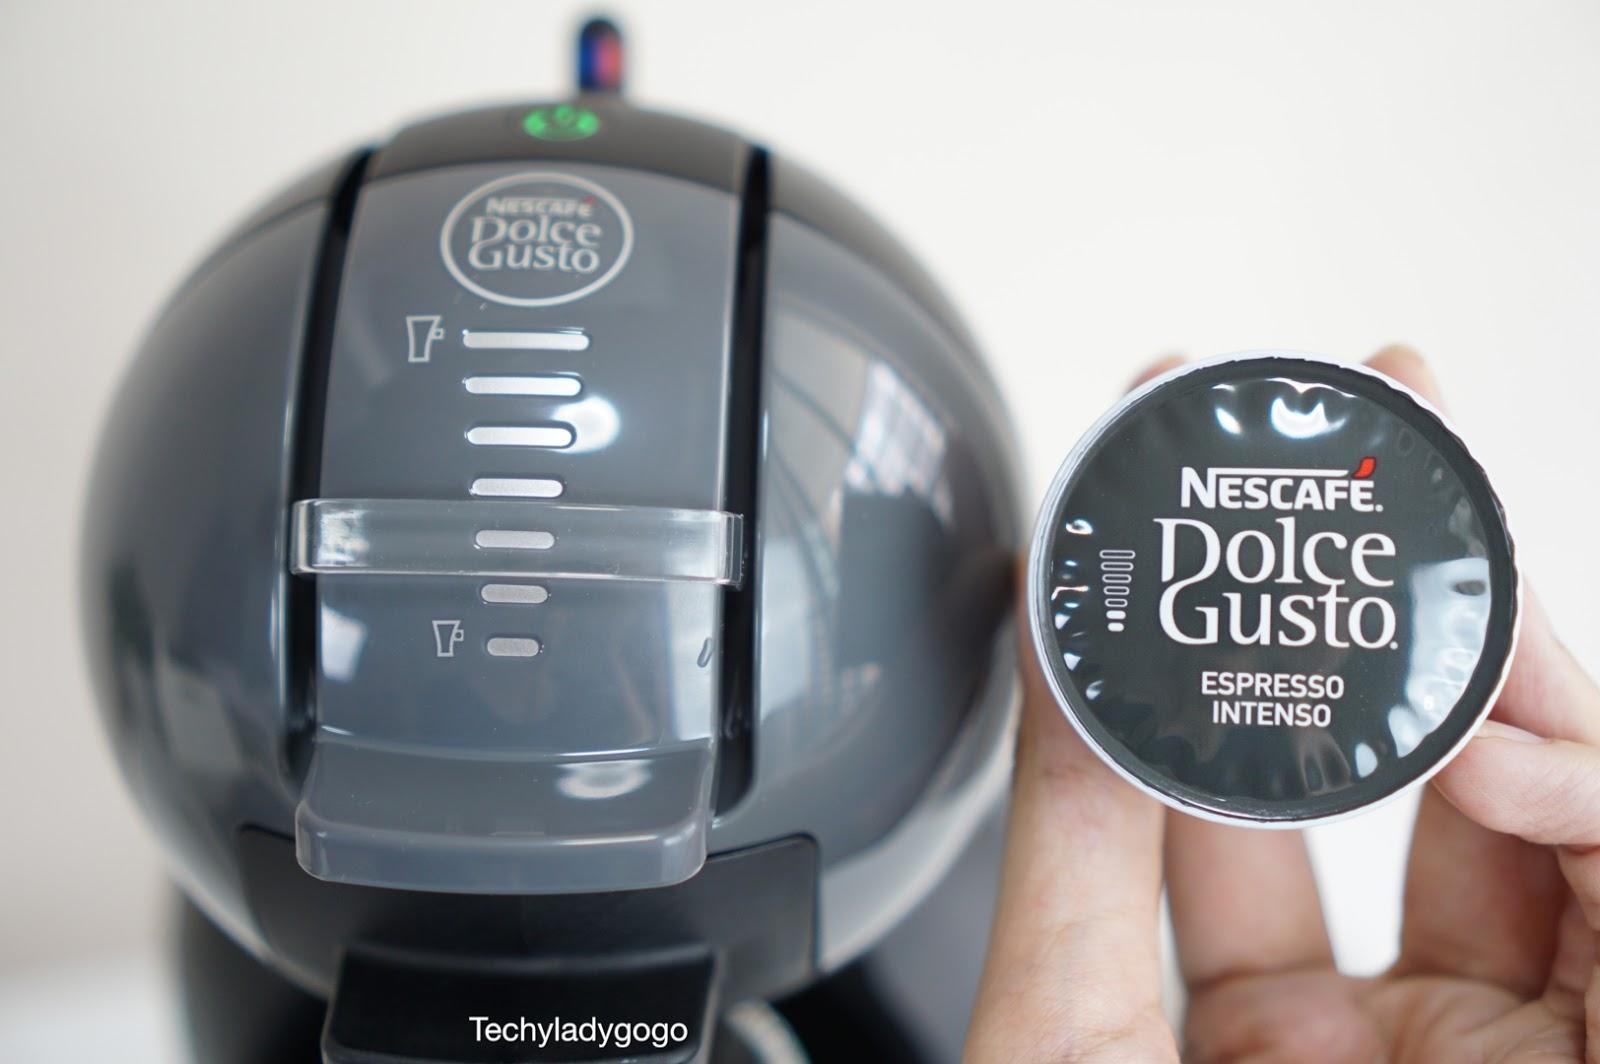 NESCAFÉ Dolce Gusto รุ่น Mini Me เครื่องชงกาแฟแคปซูล เนสกาแฟ ดอลเช่ กุสโต้ รุ่น มินิมี nescafe ดอยเช่ กุลโต้